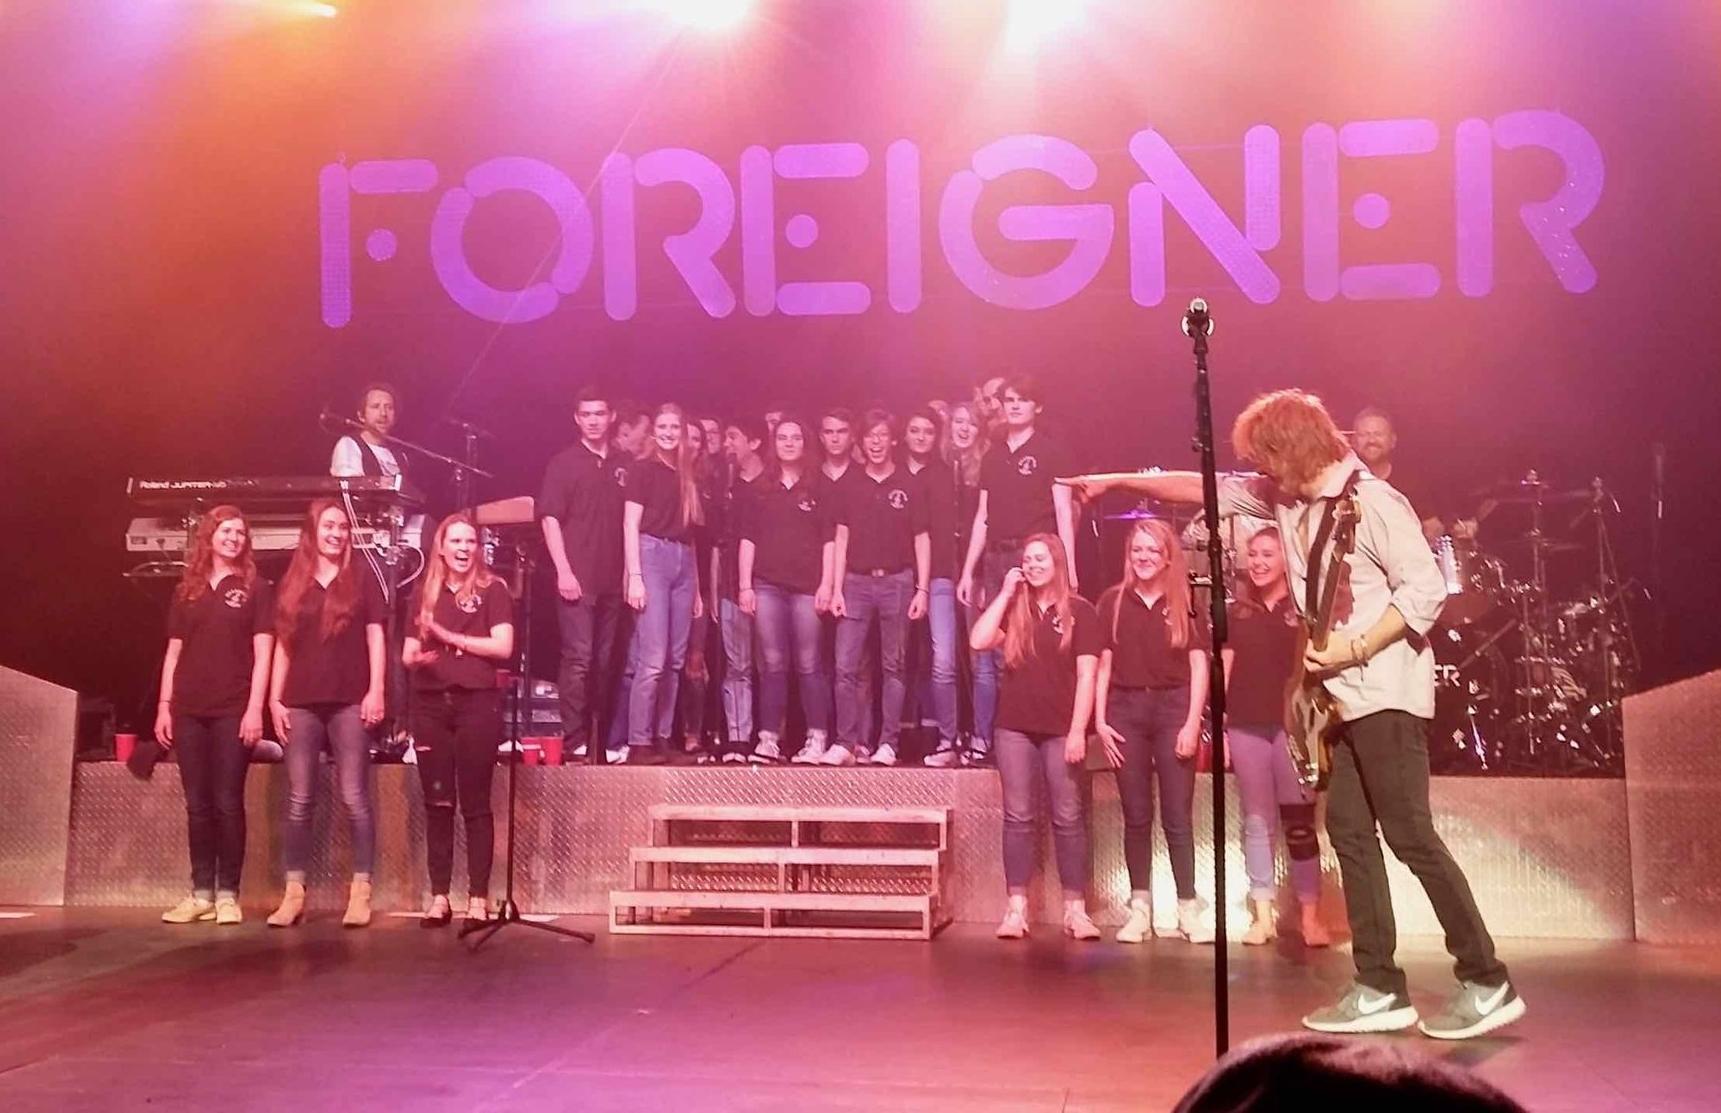 foreignerreagan2.jpg